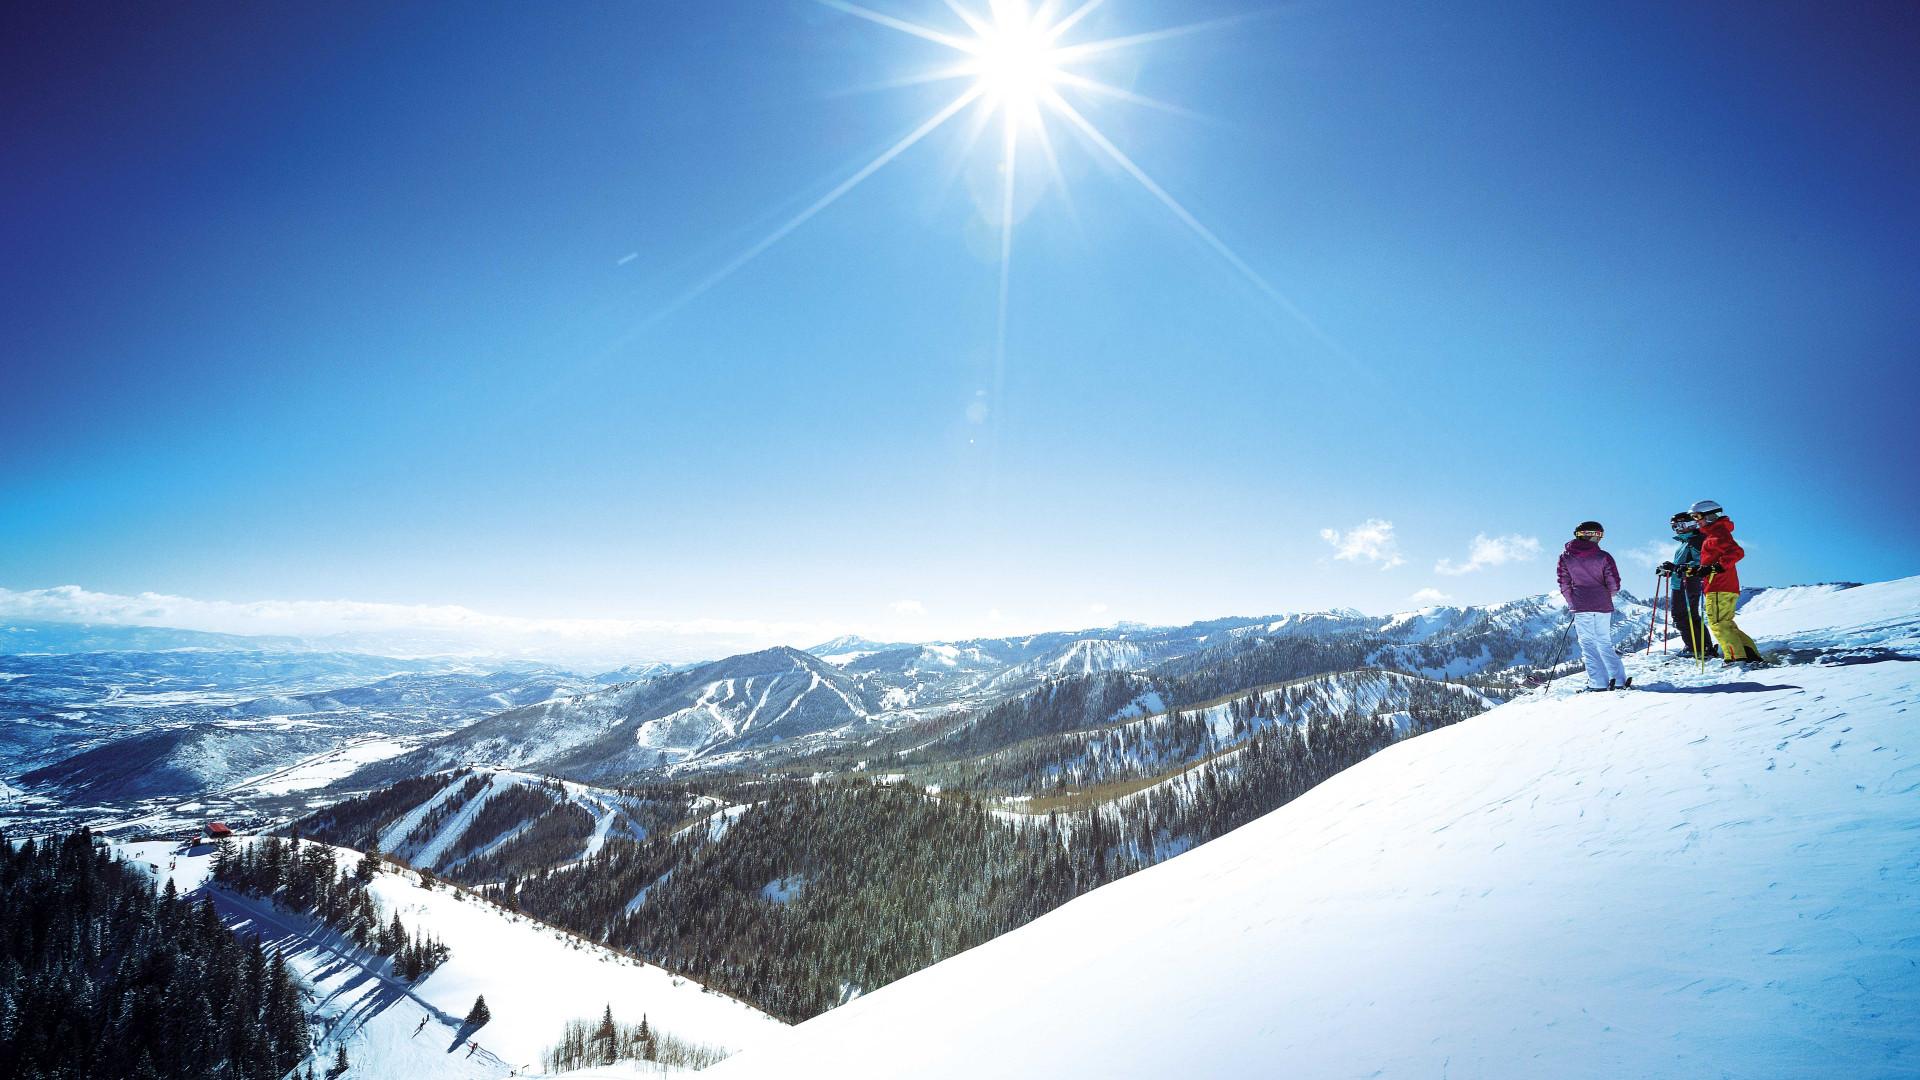 Skiiers in Park City, Utah